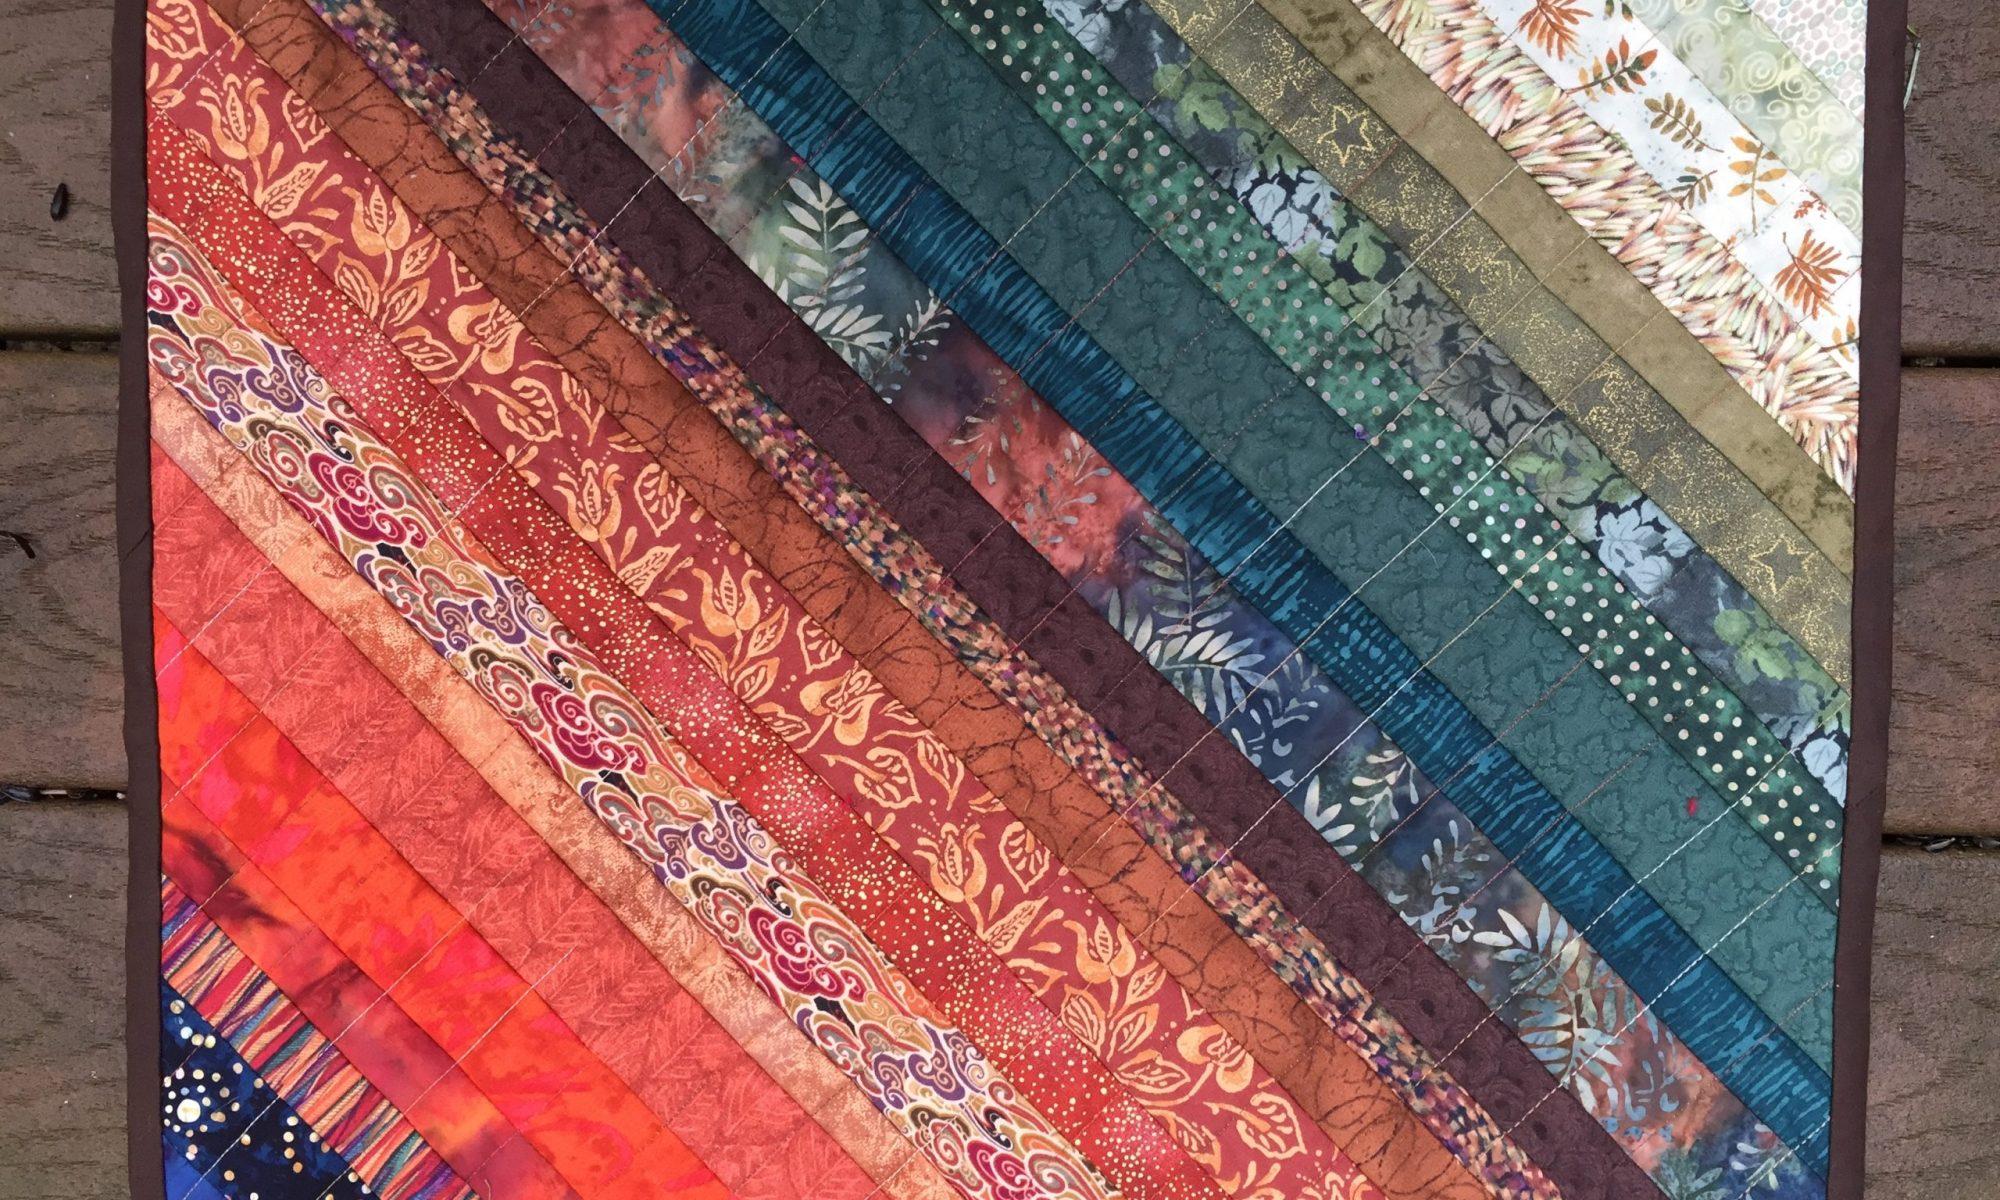 Drying mat strip quilt - 2020